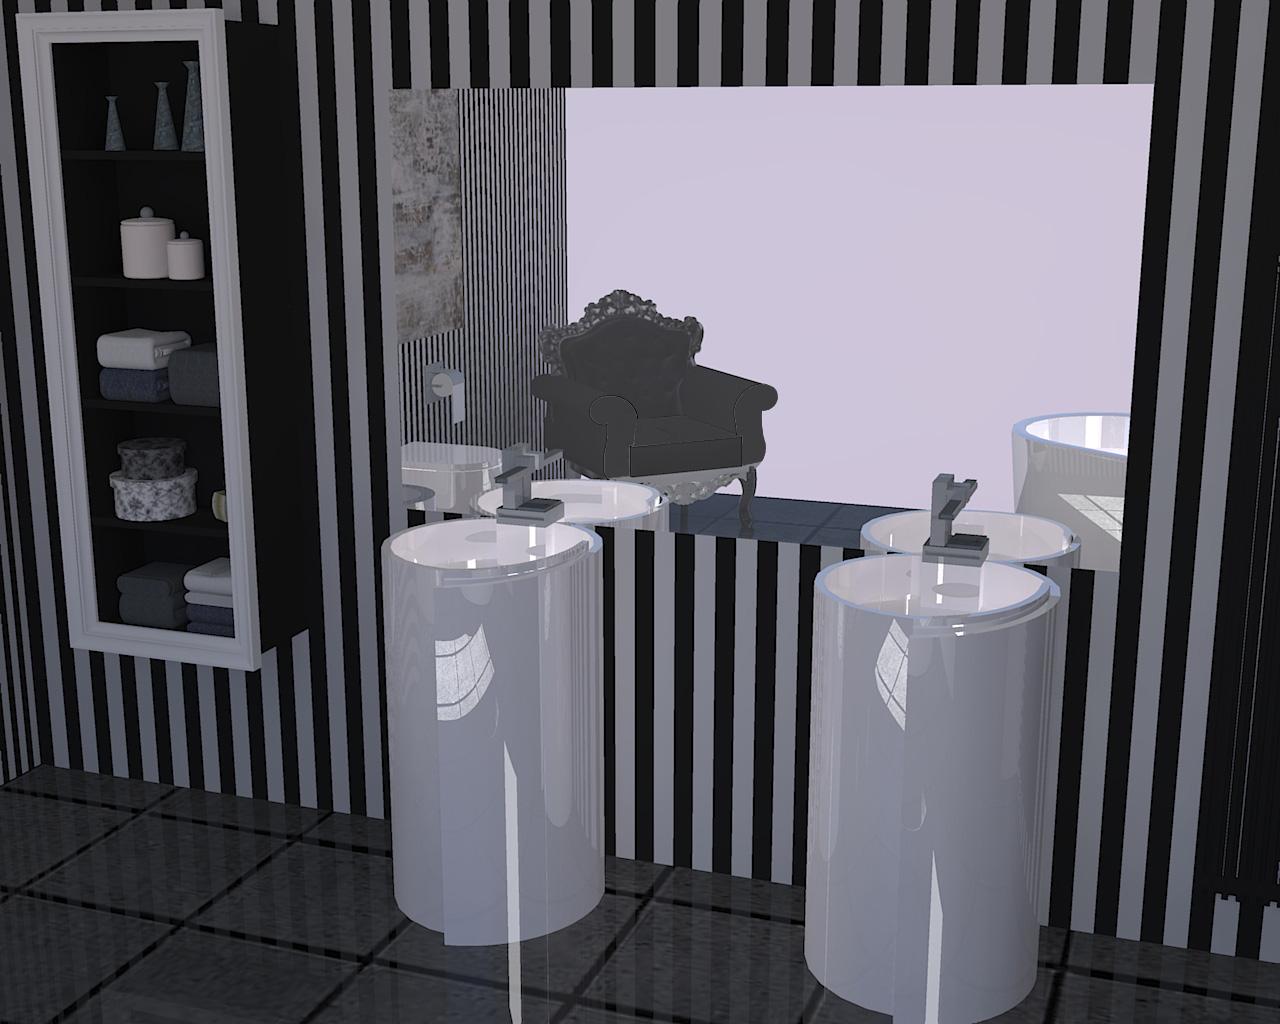 Bagno moderno - Bagno nero e grigio ...